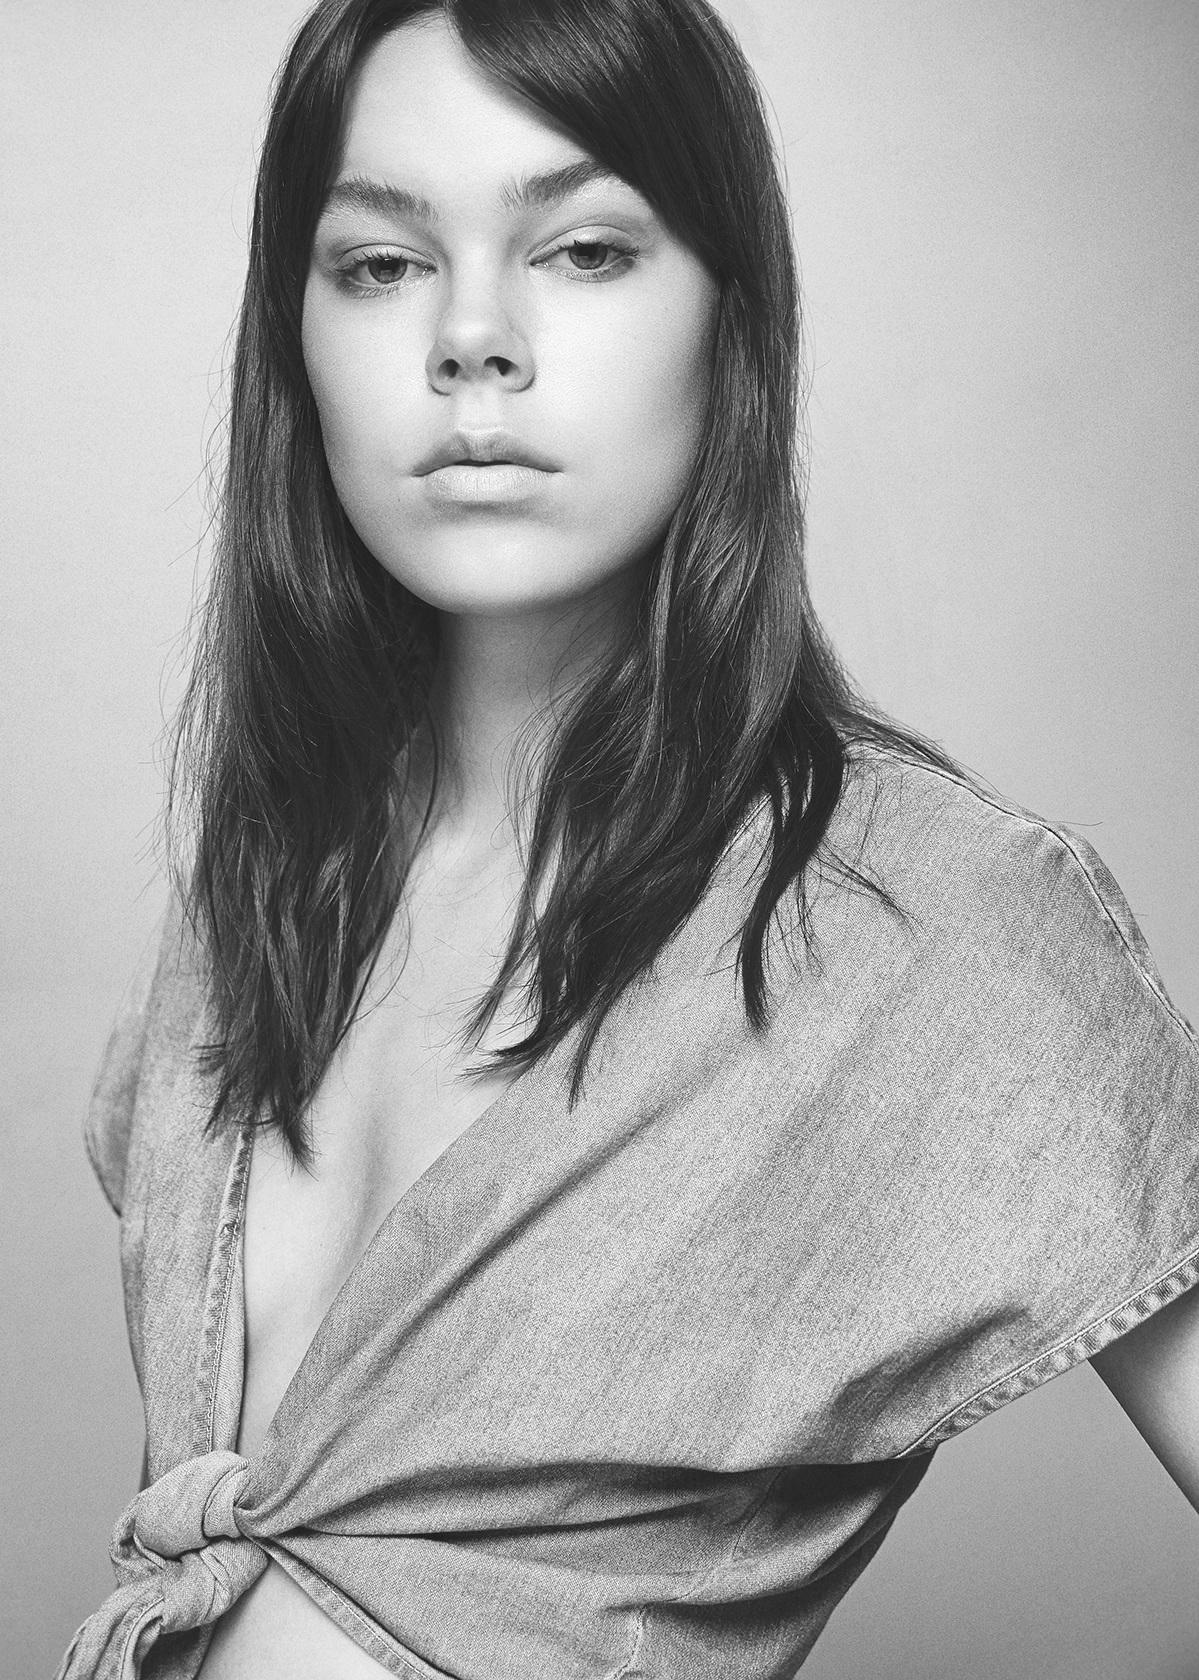 Noelle Stark